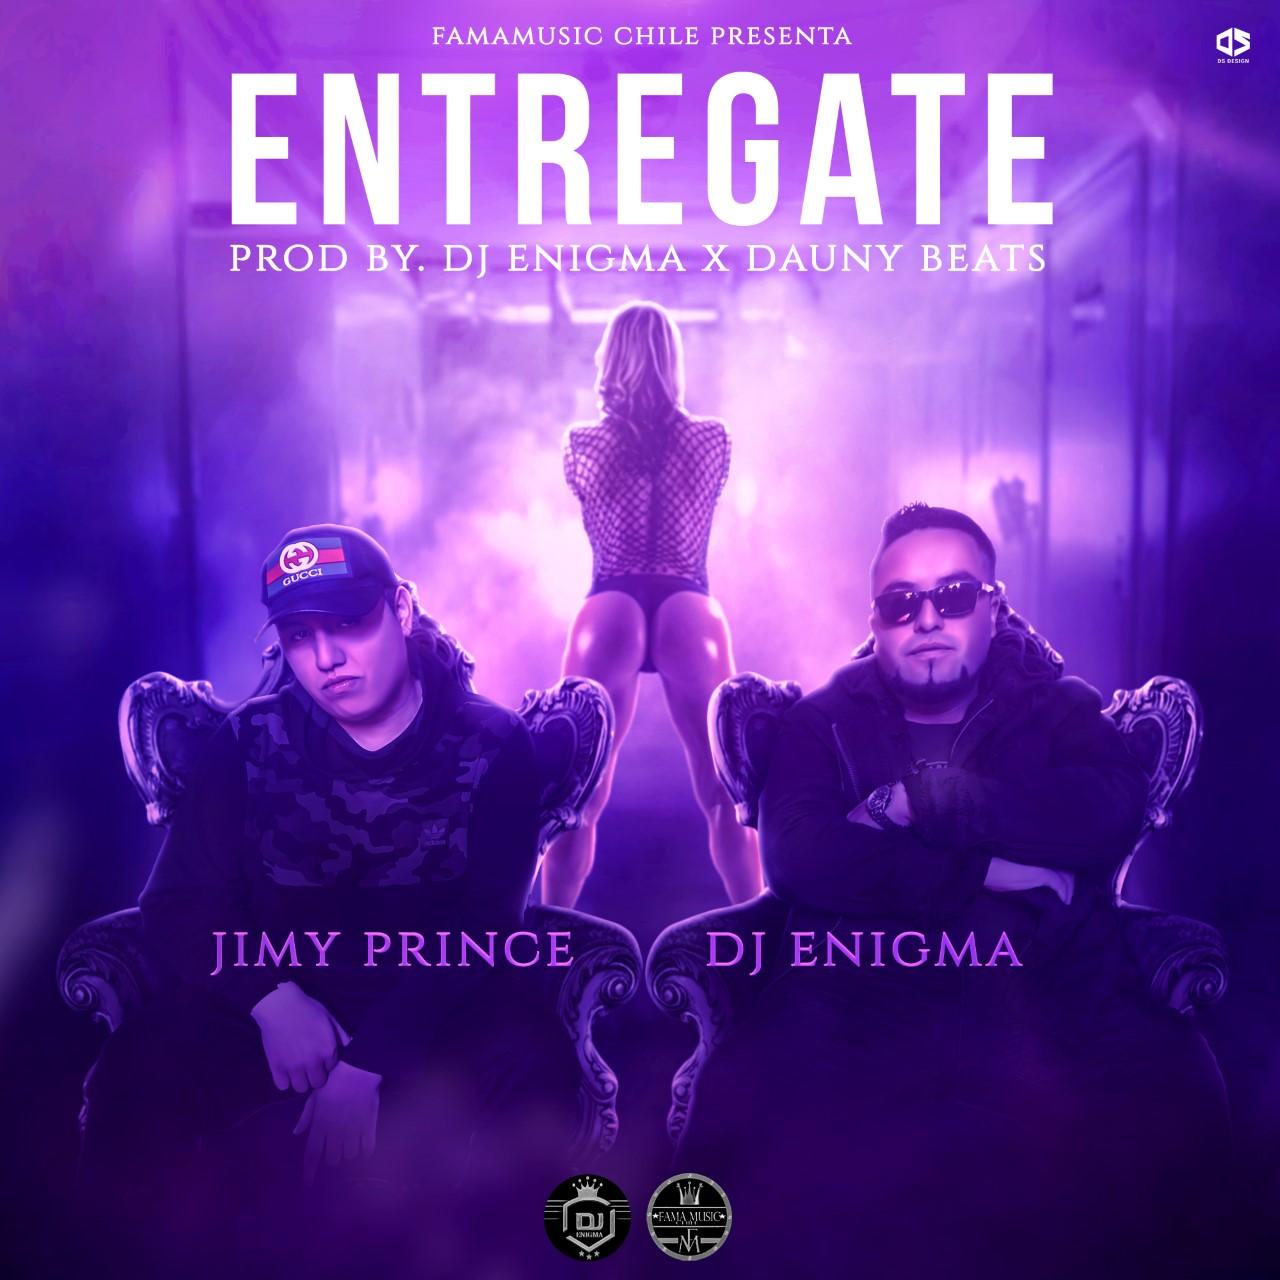 1518708877tycqw90 1 1 - Jimy Prince - Entregate (Prod. Dj Enigma , DaunyBeats)